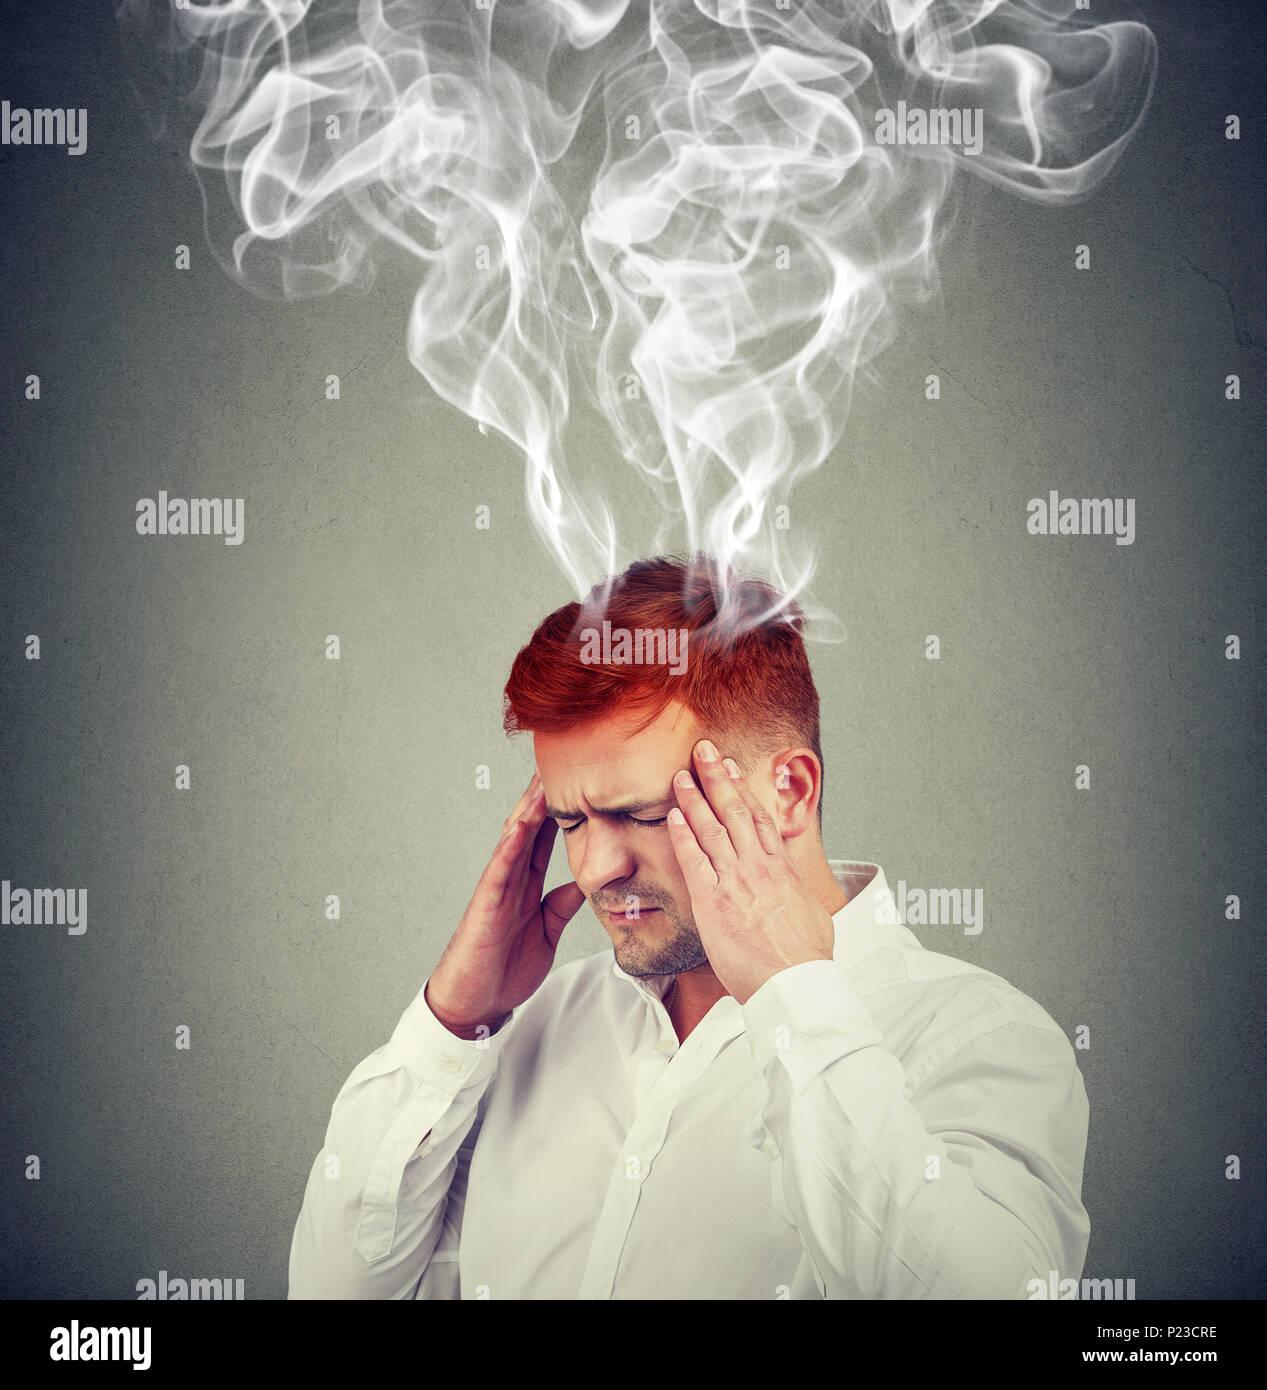 Konzeptionelle Schuß von Mann, Hände auf Tempel und Suchen mit Rauch aus Kopf frustriert. Stockbild